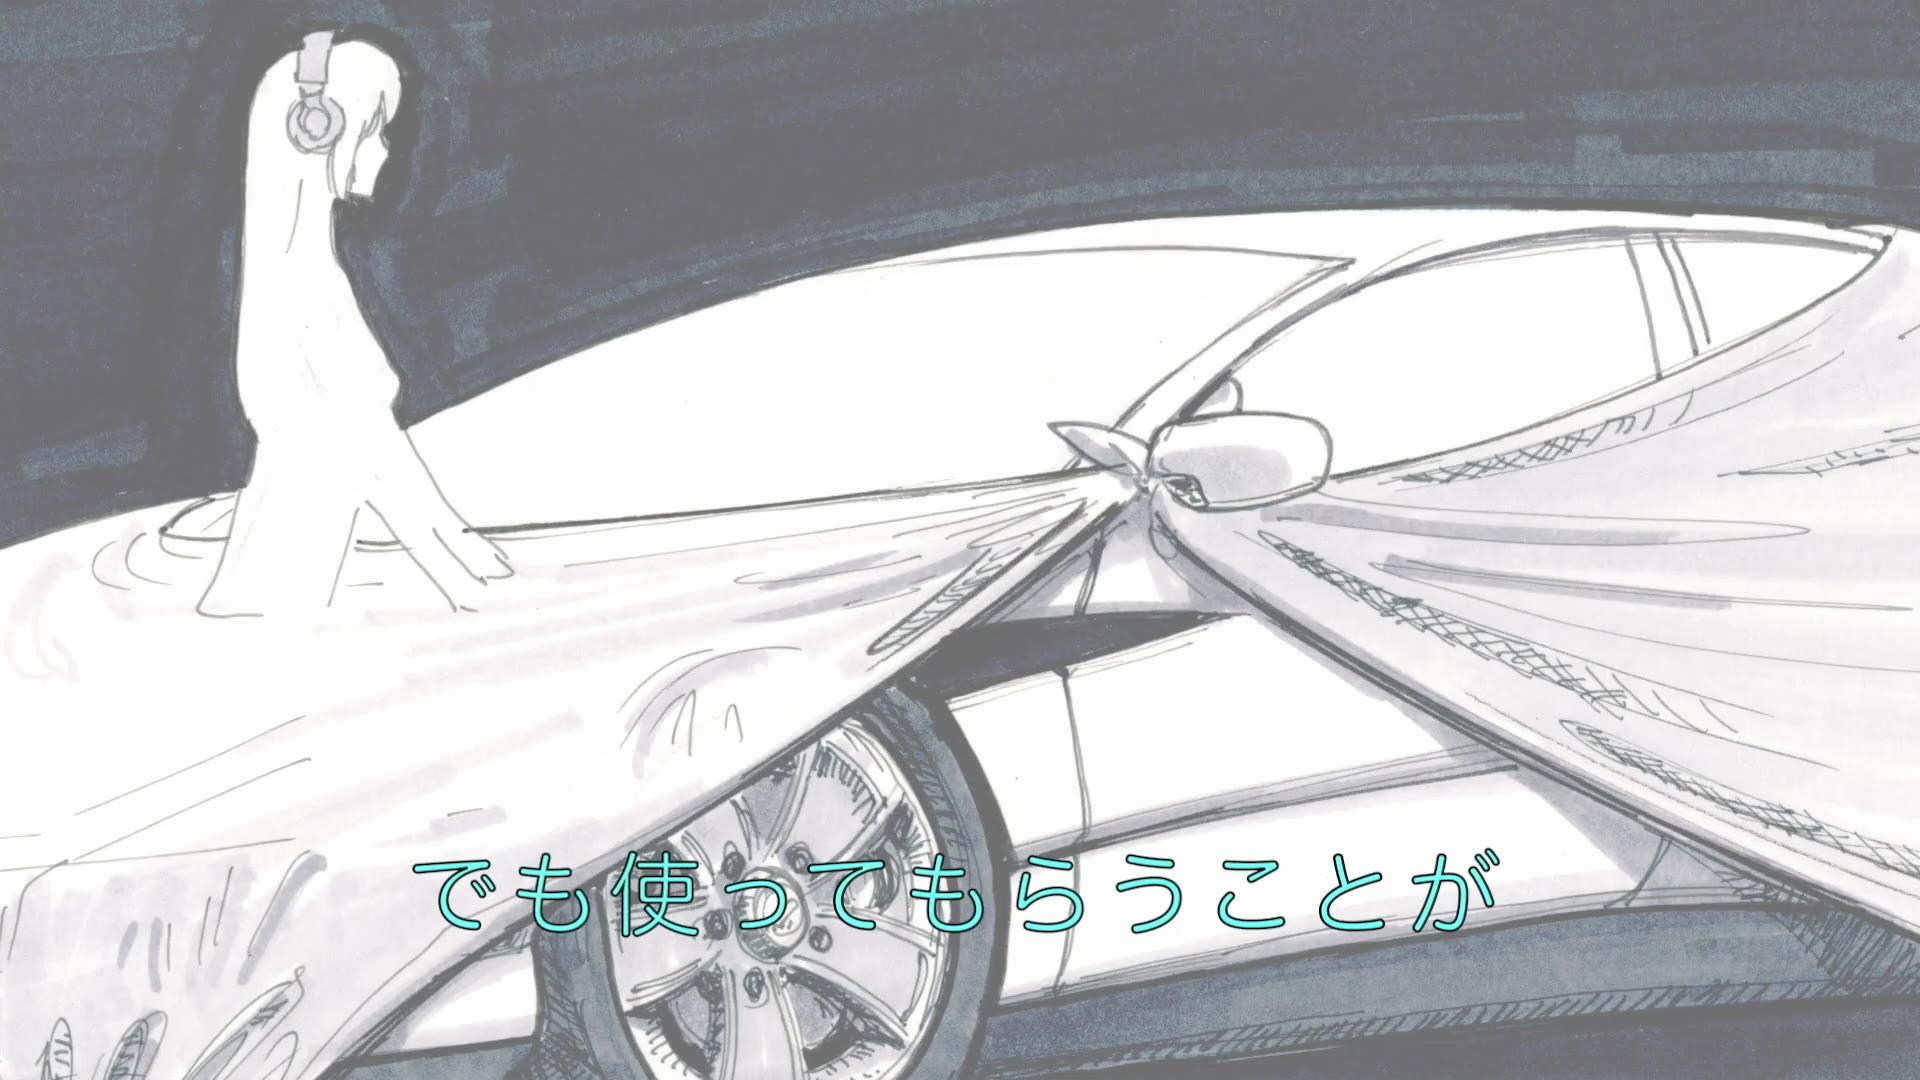 【巡音ルカV4X】モノの生涯の黄昏に【Plab997】(ポンチ絵紙芝居)